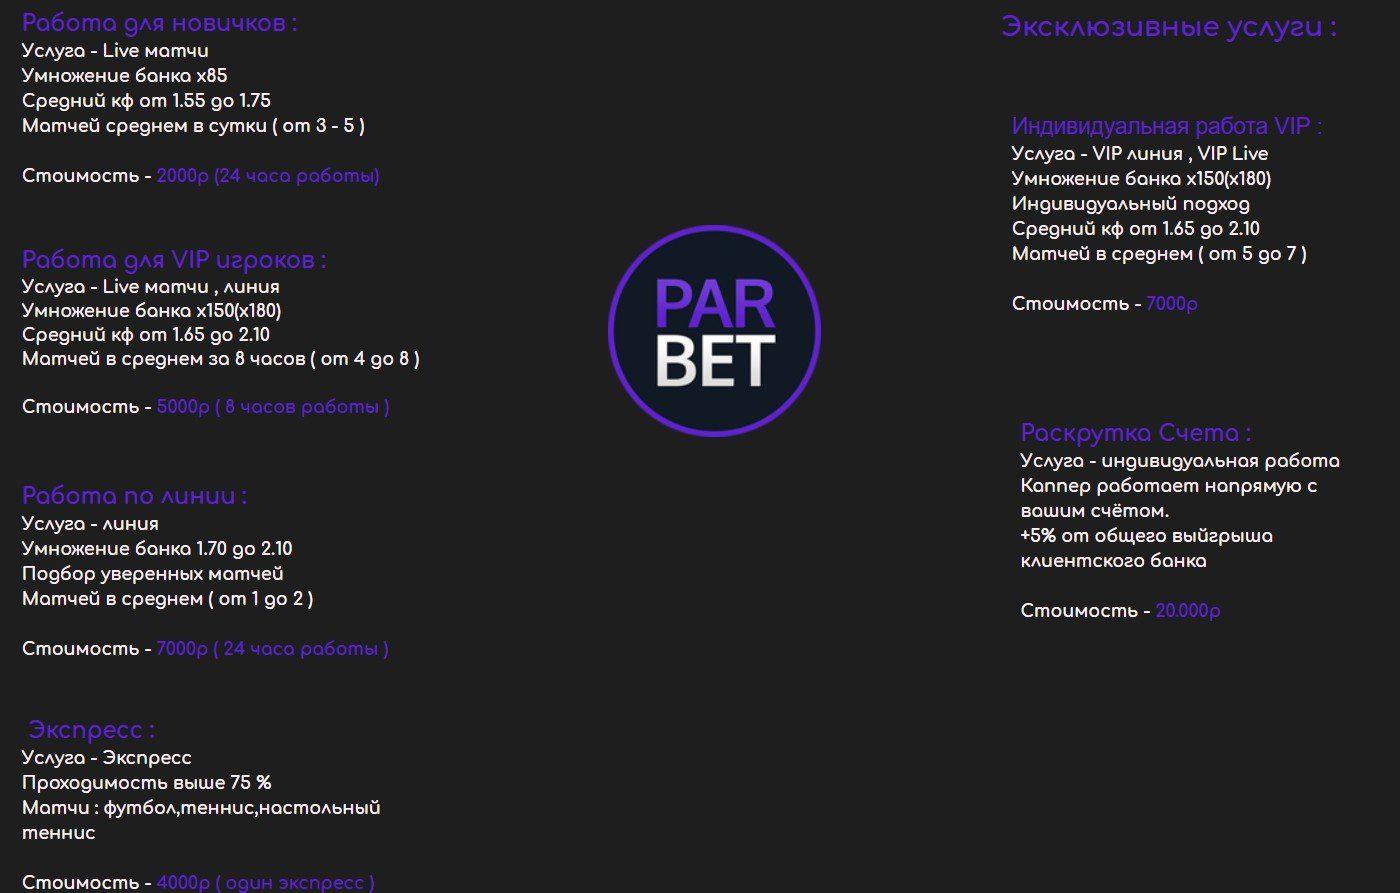 Ценовая политика сайта Par bet